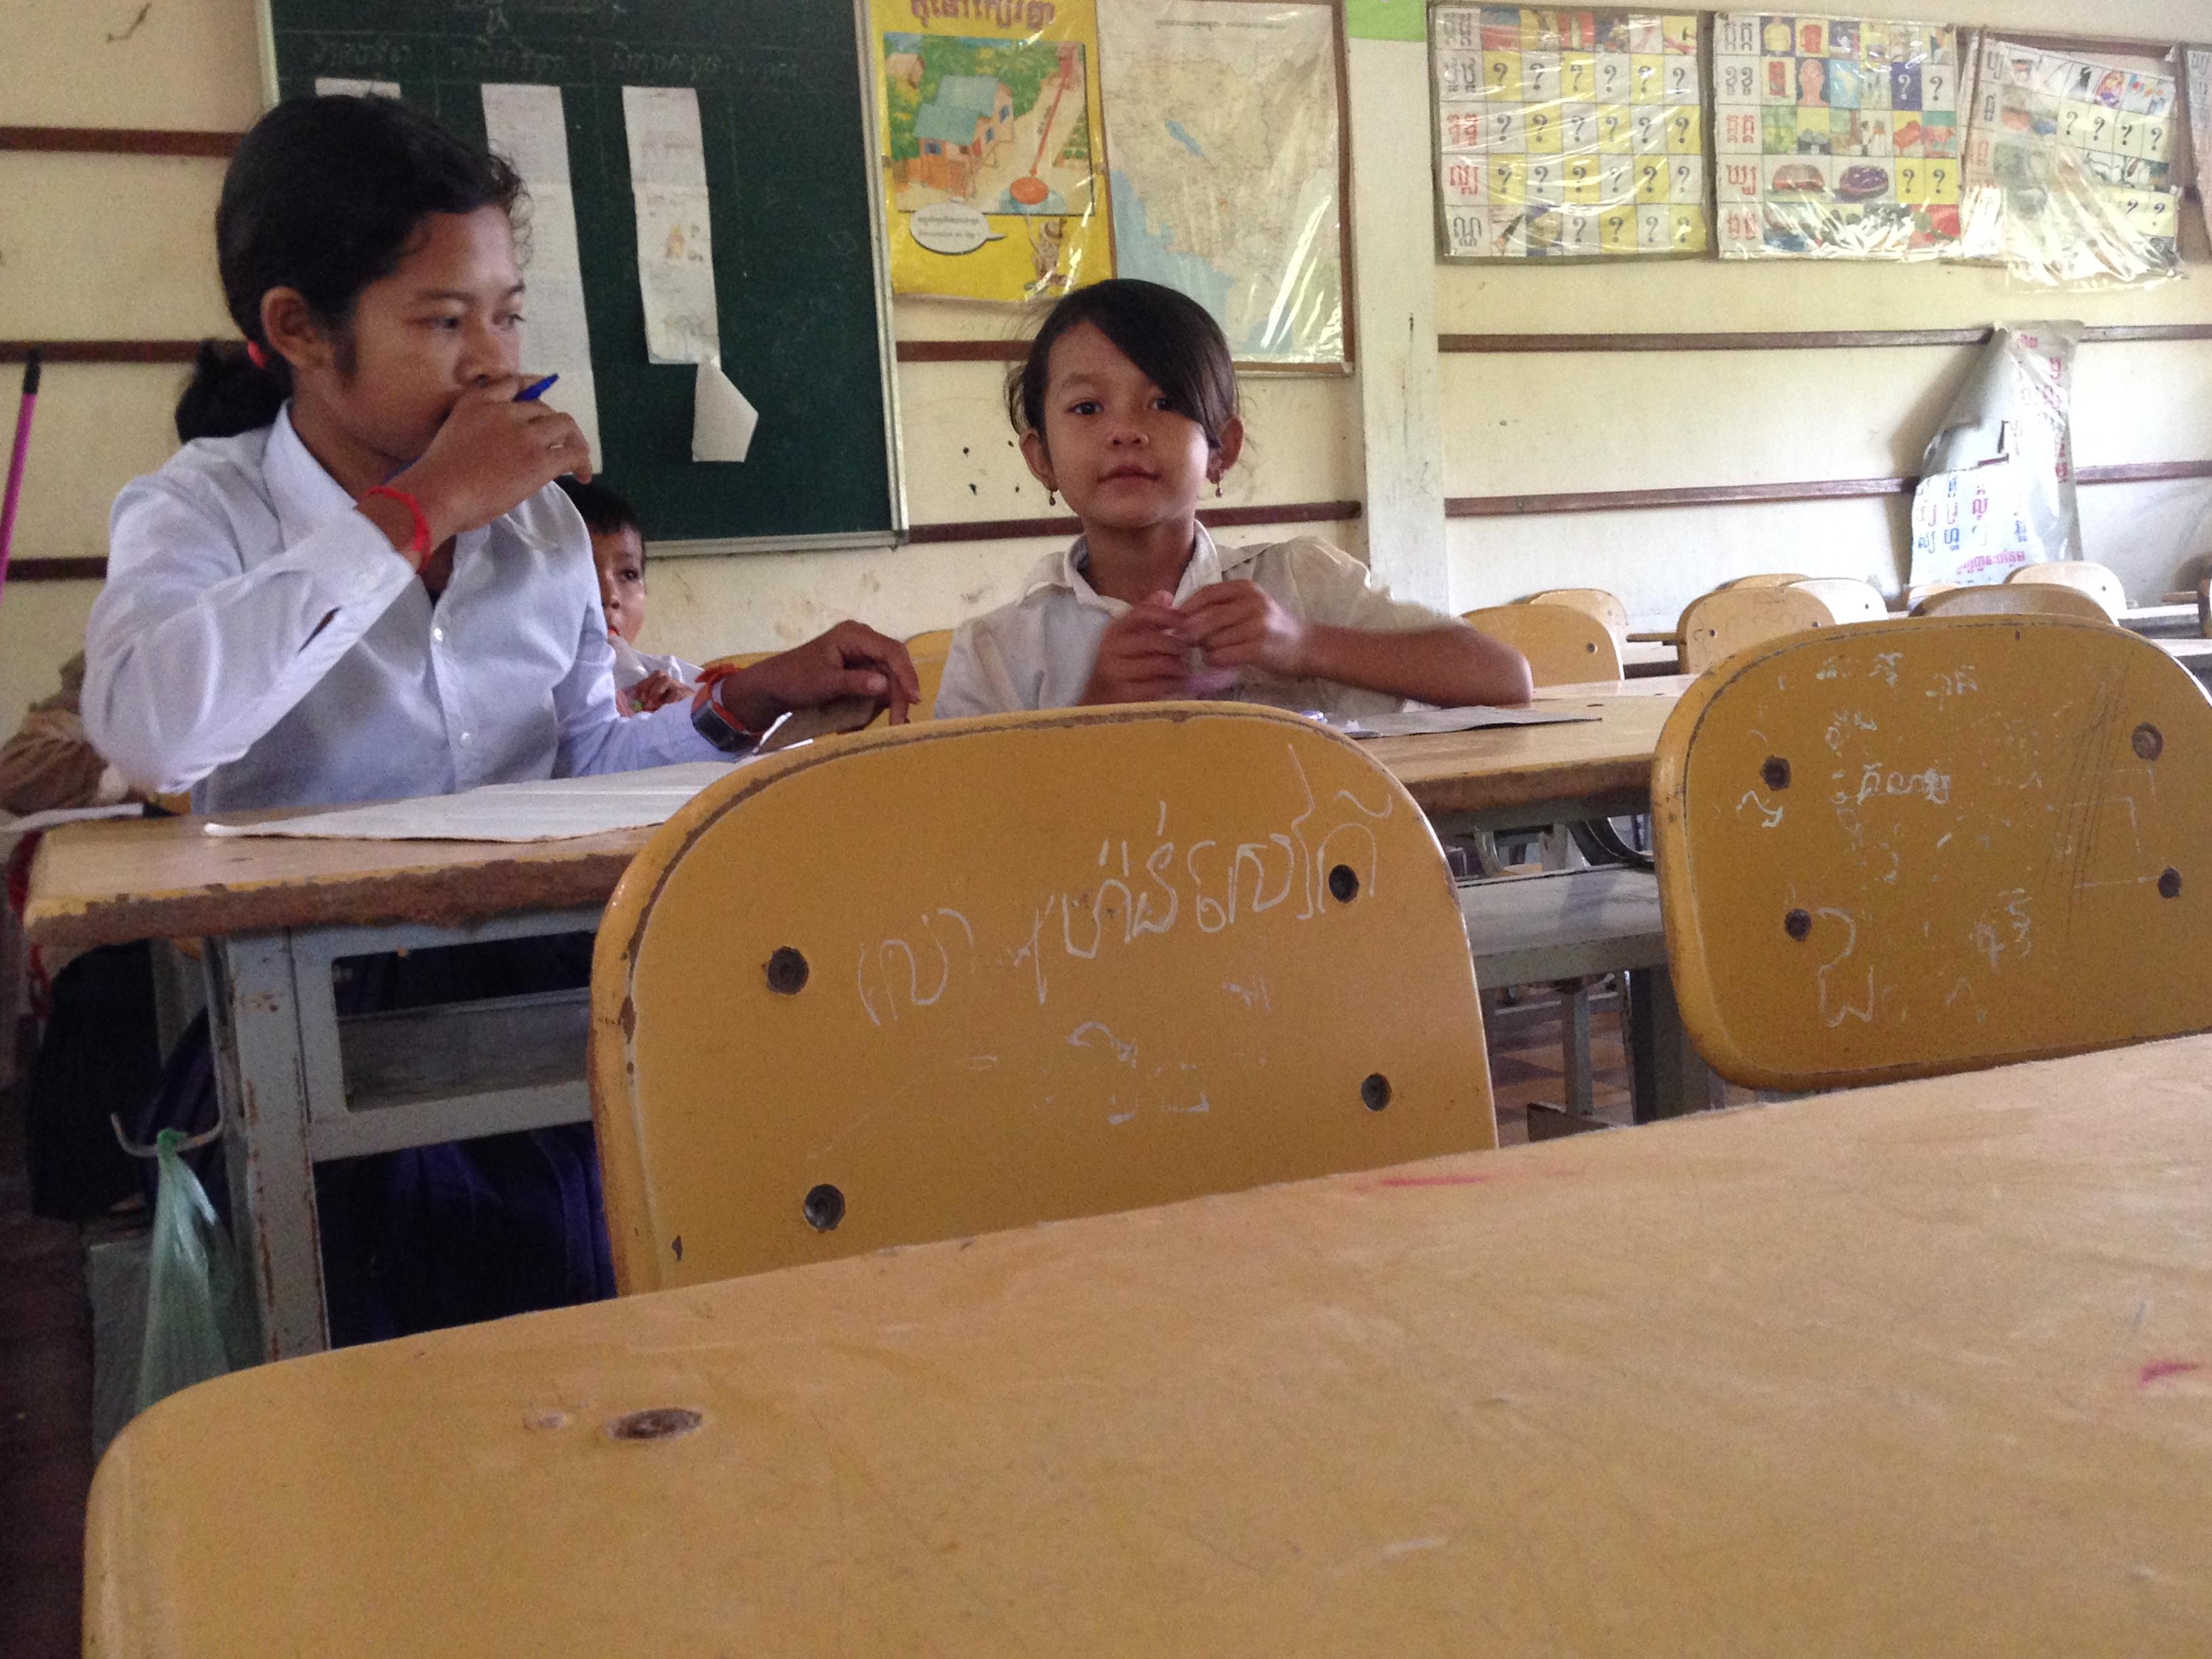 日本の小学校で使用されなくなった机、椅子送ってください!カンボジアの小学校で使いたいんです。